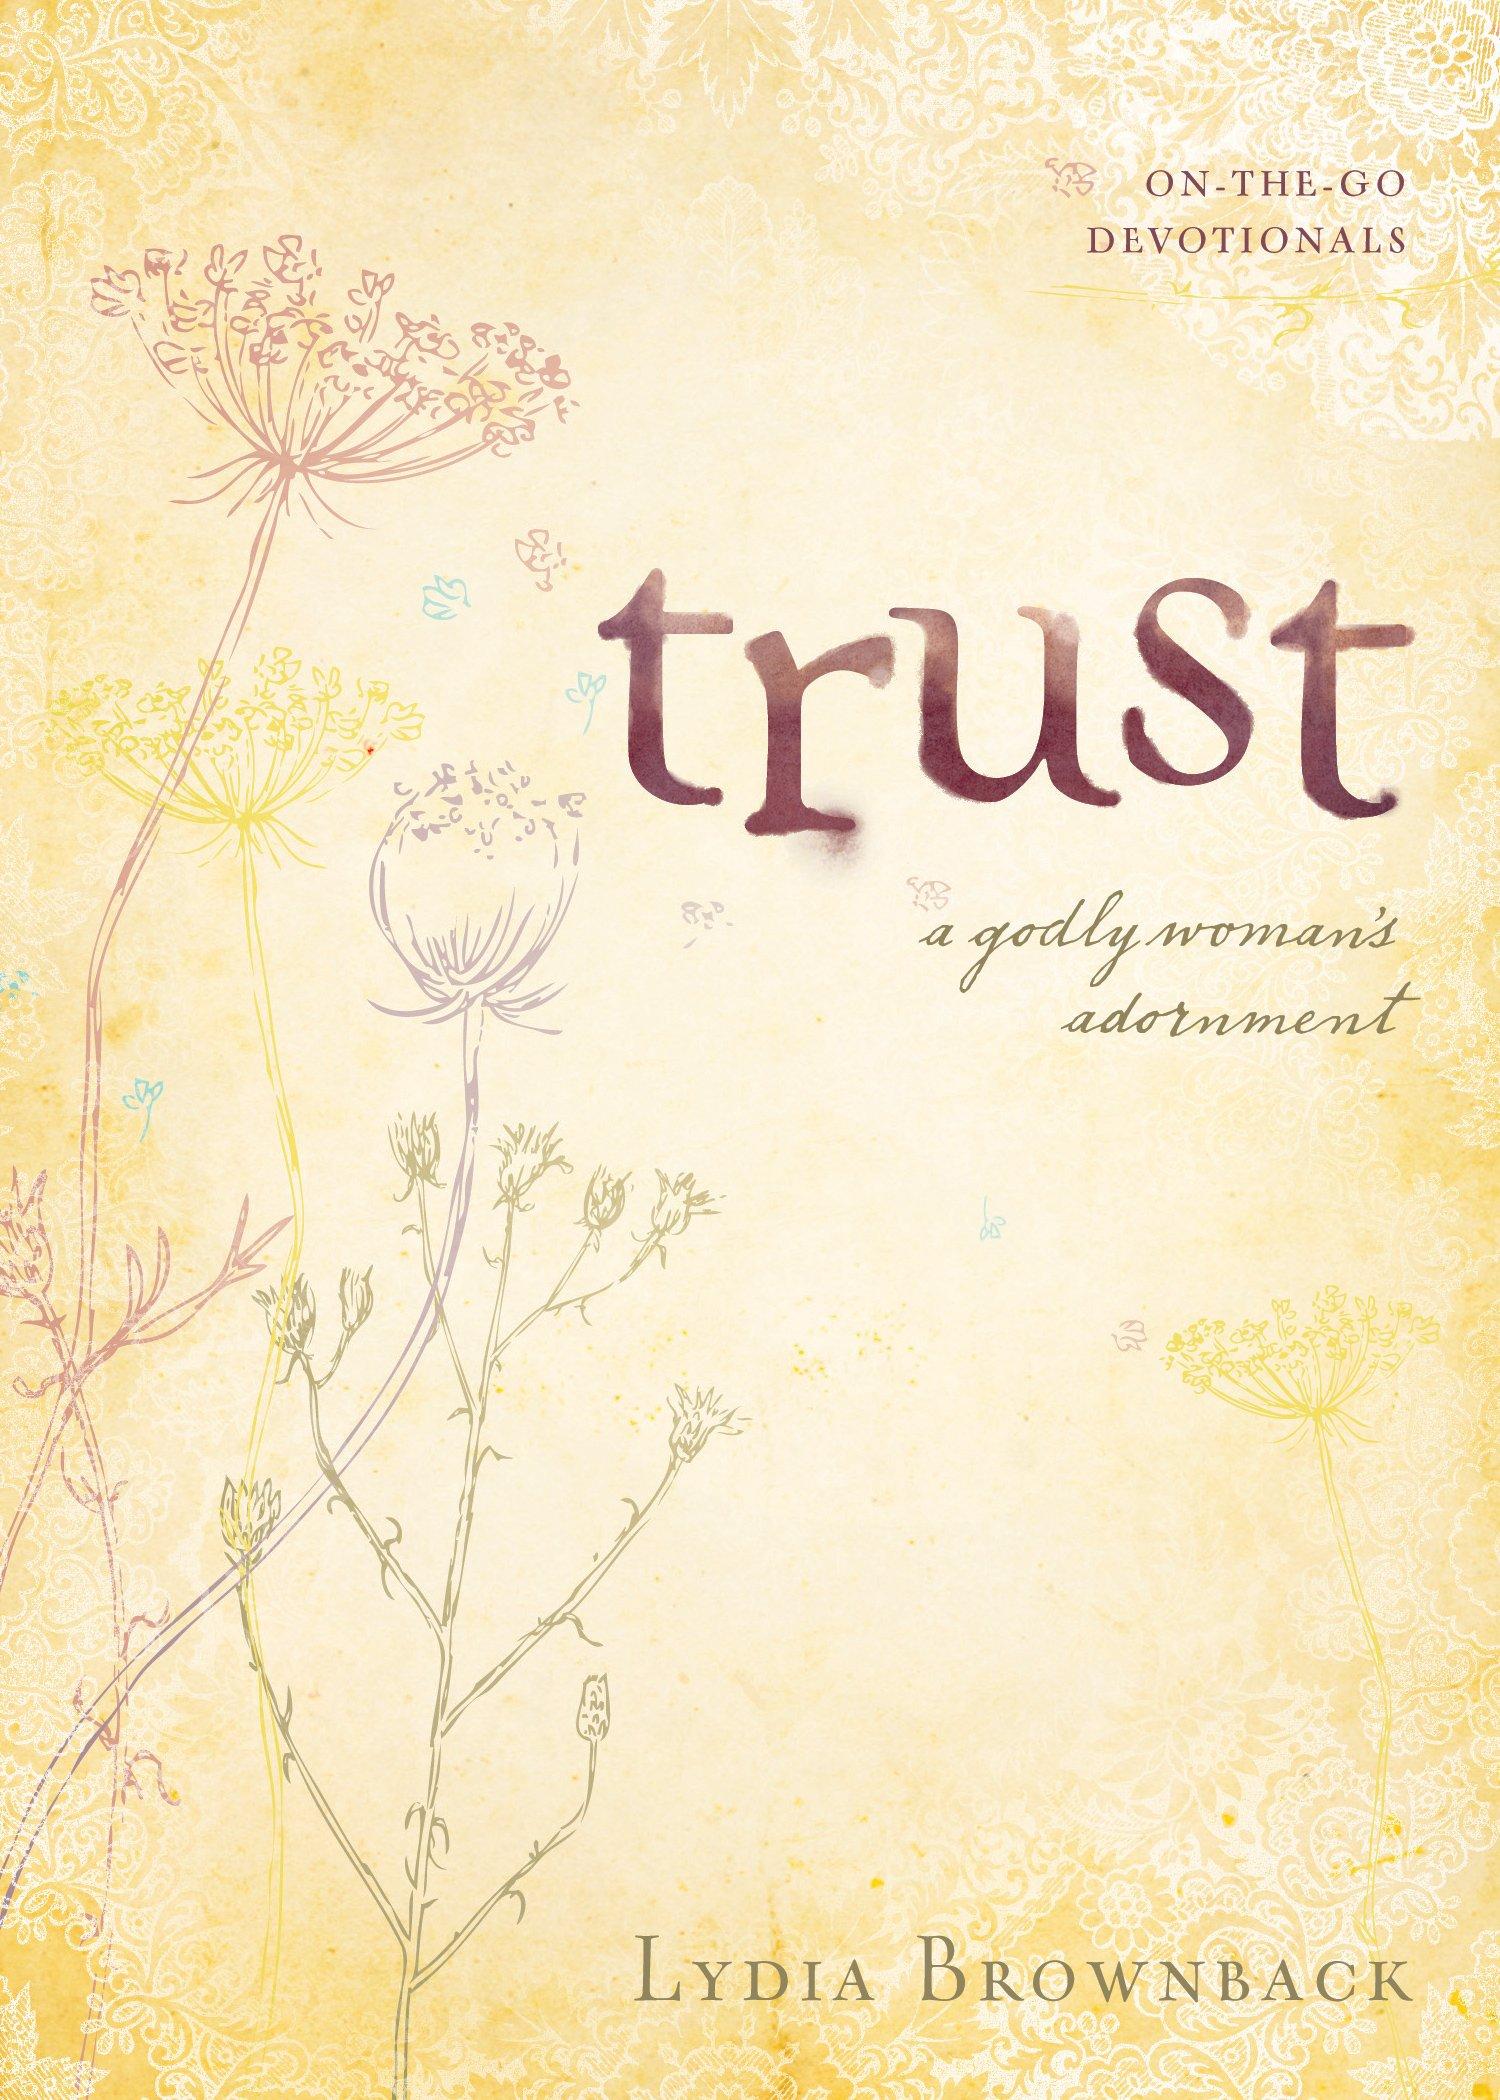 Trust Womans Adornment Go Devotionals product image